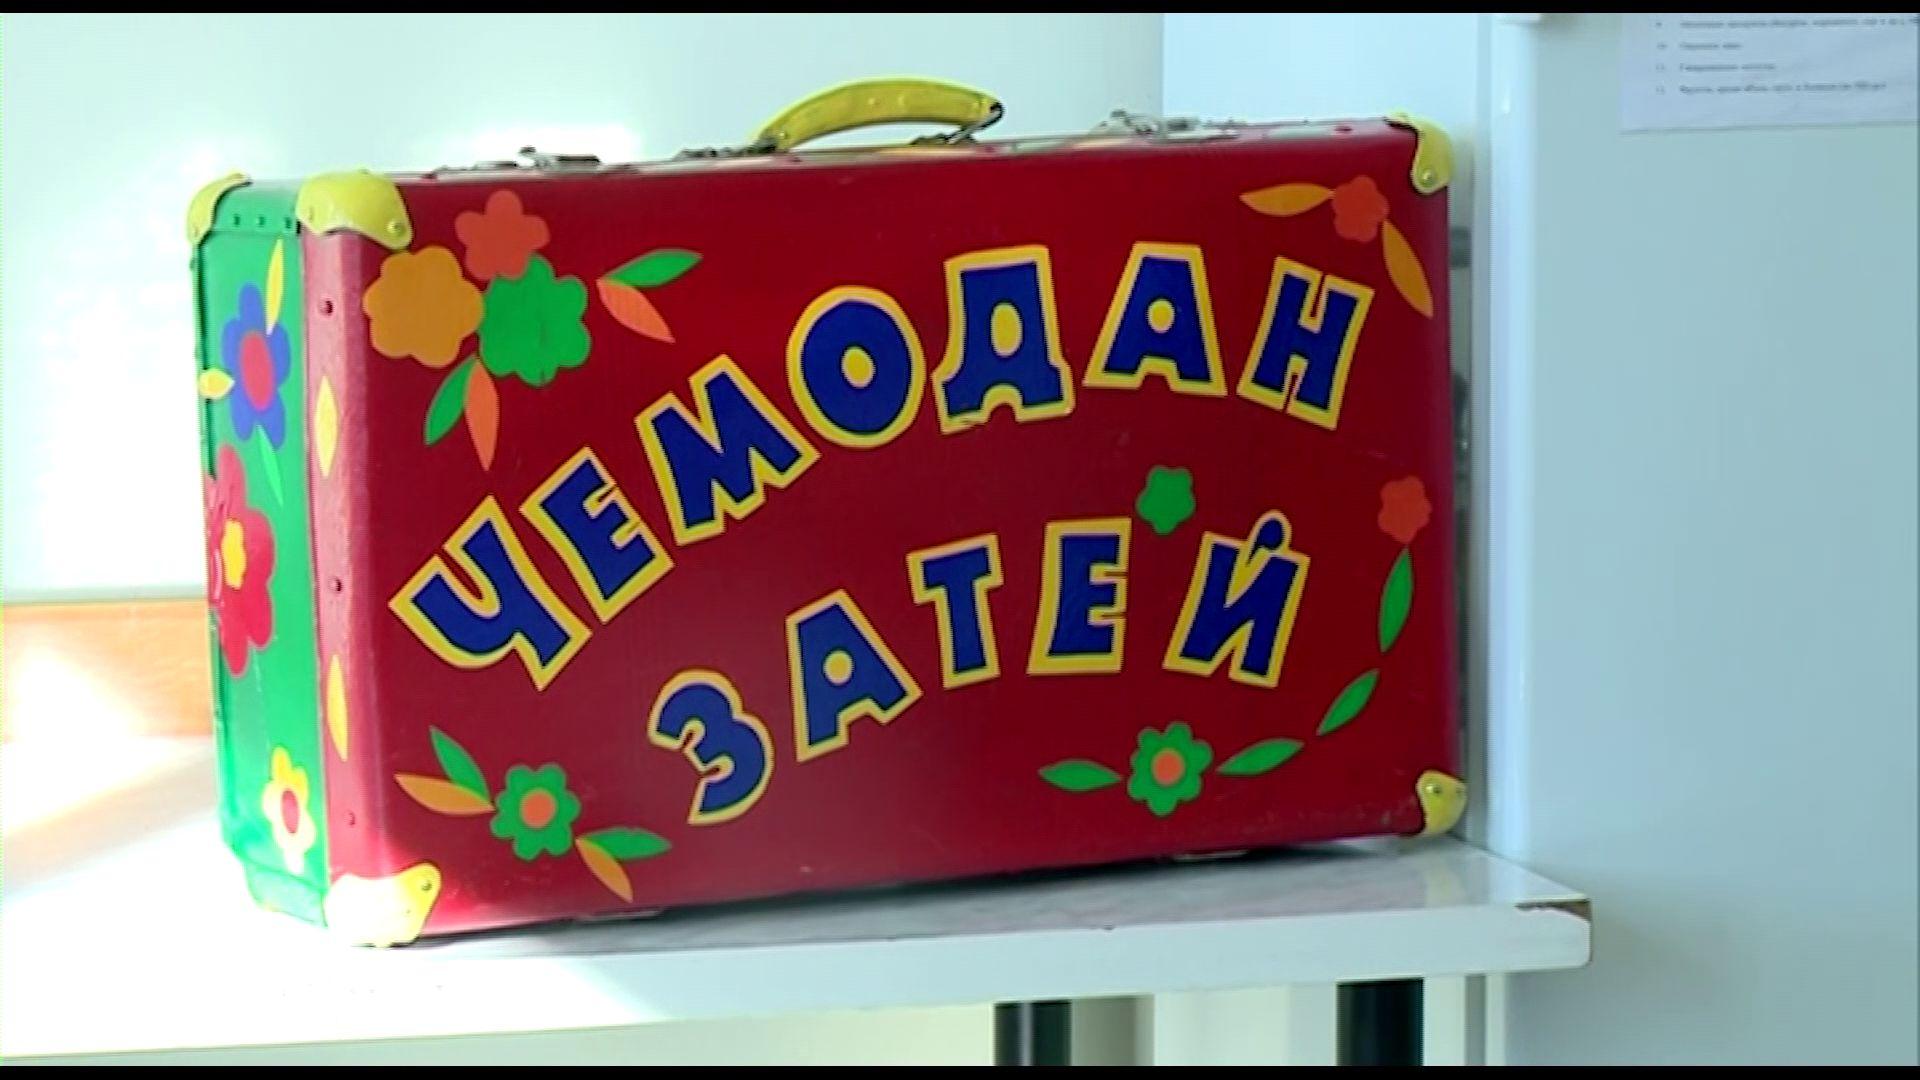 Дарят радость и улыбку: ярославское движение больничных клоунов набирает обороты